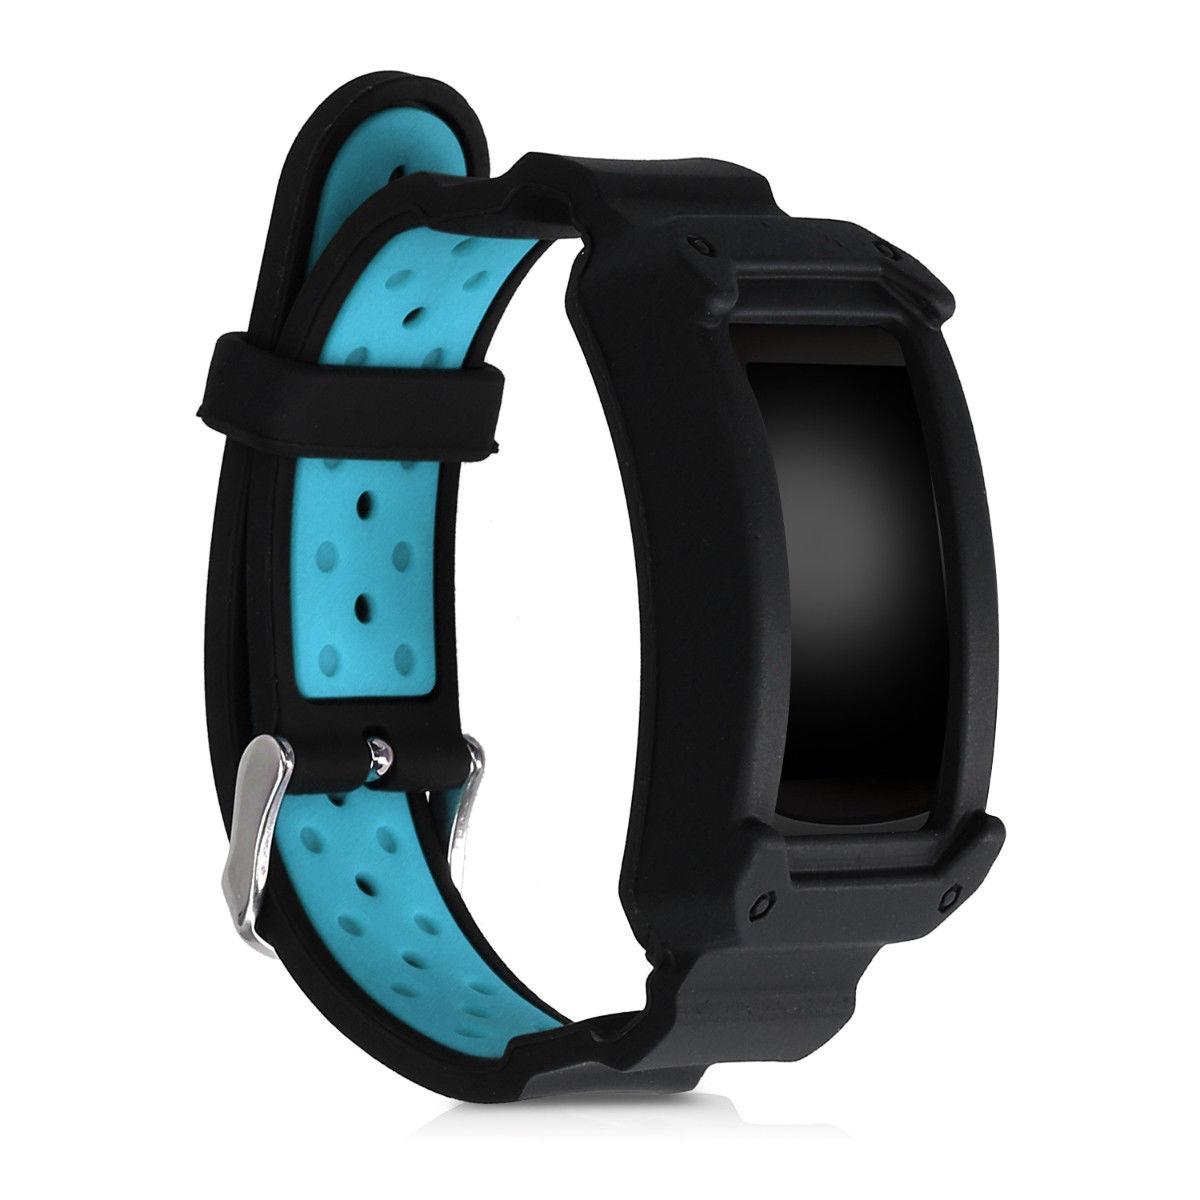 Náhradní řemínek pro Samsung Gear Fit2 černo - modrý